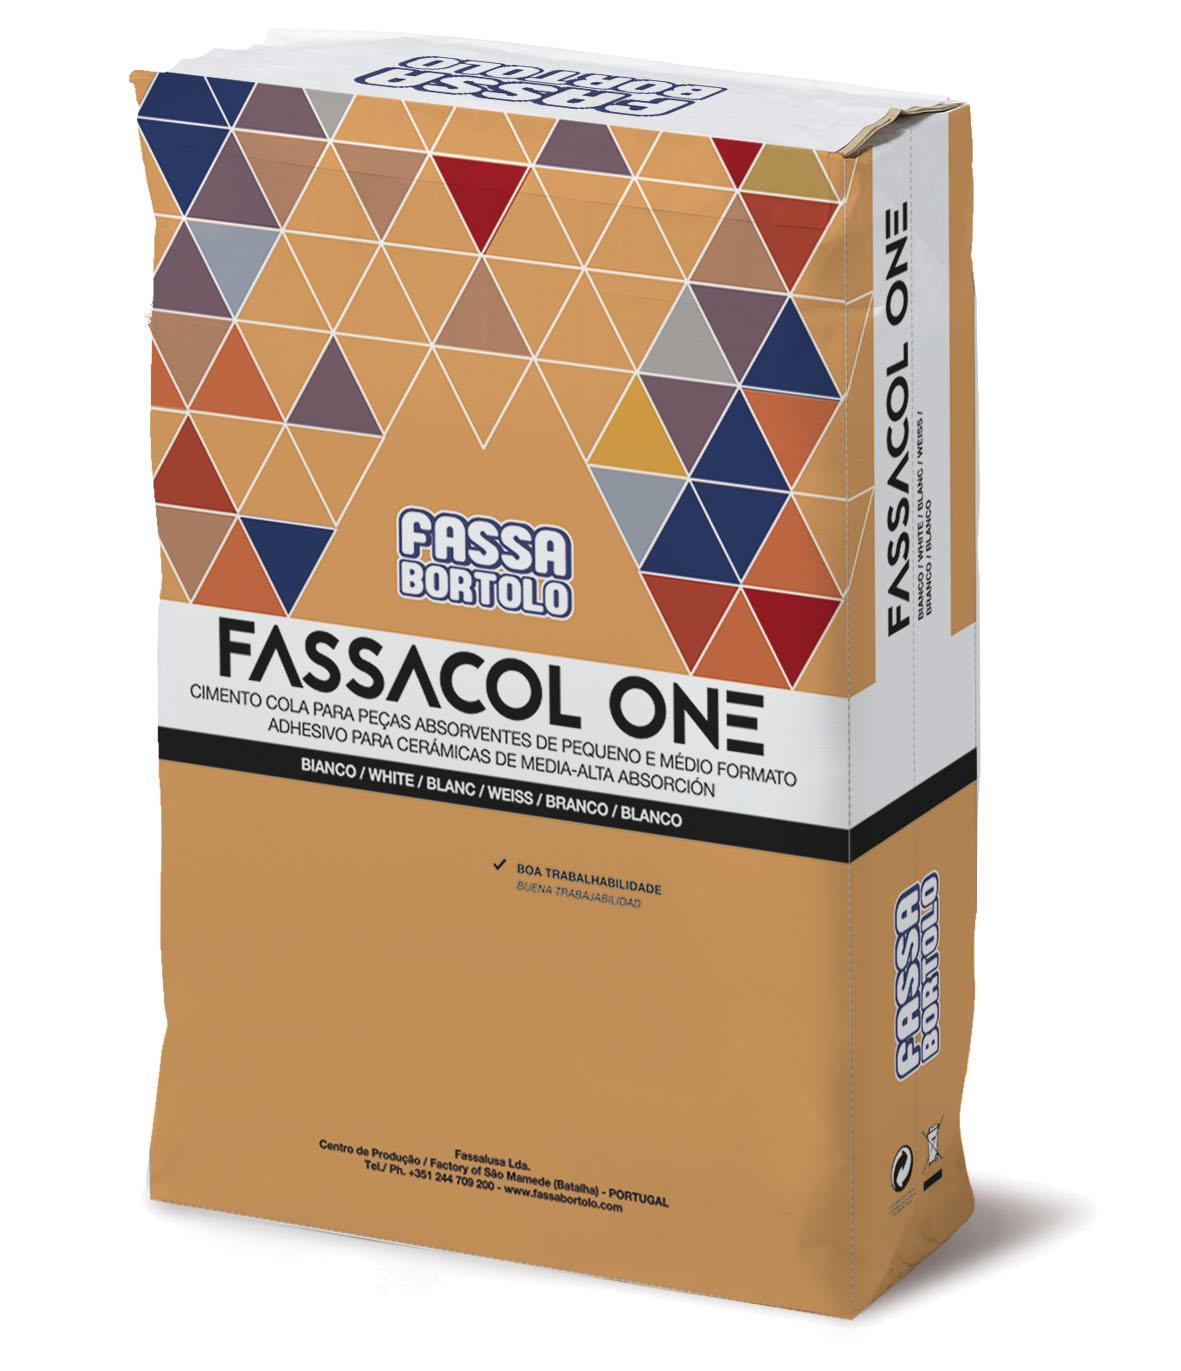 FASSACOL ONE: Cimento cola branco ou cinza para colar cerâmica absorvente sobre pavimentos e revestimentos em interior